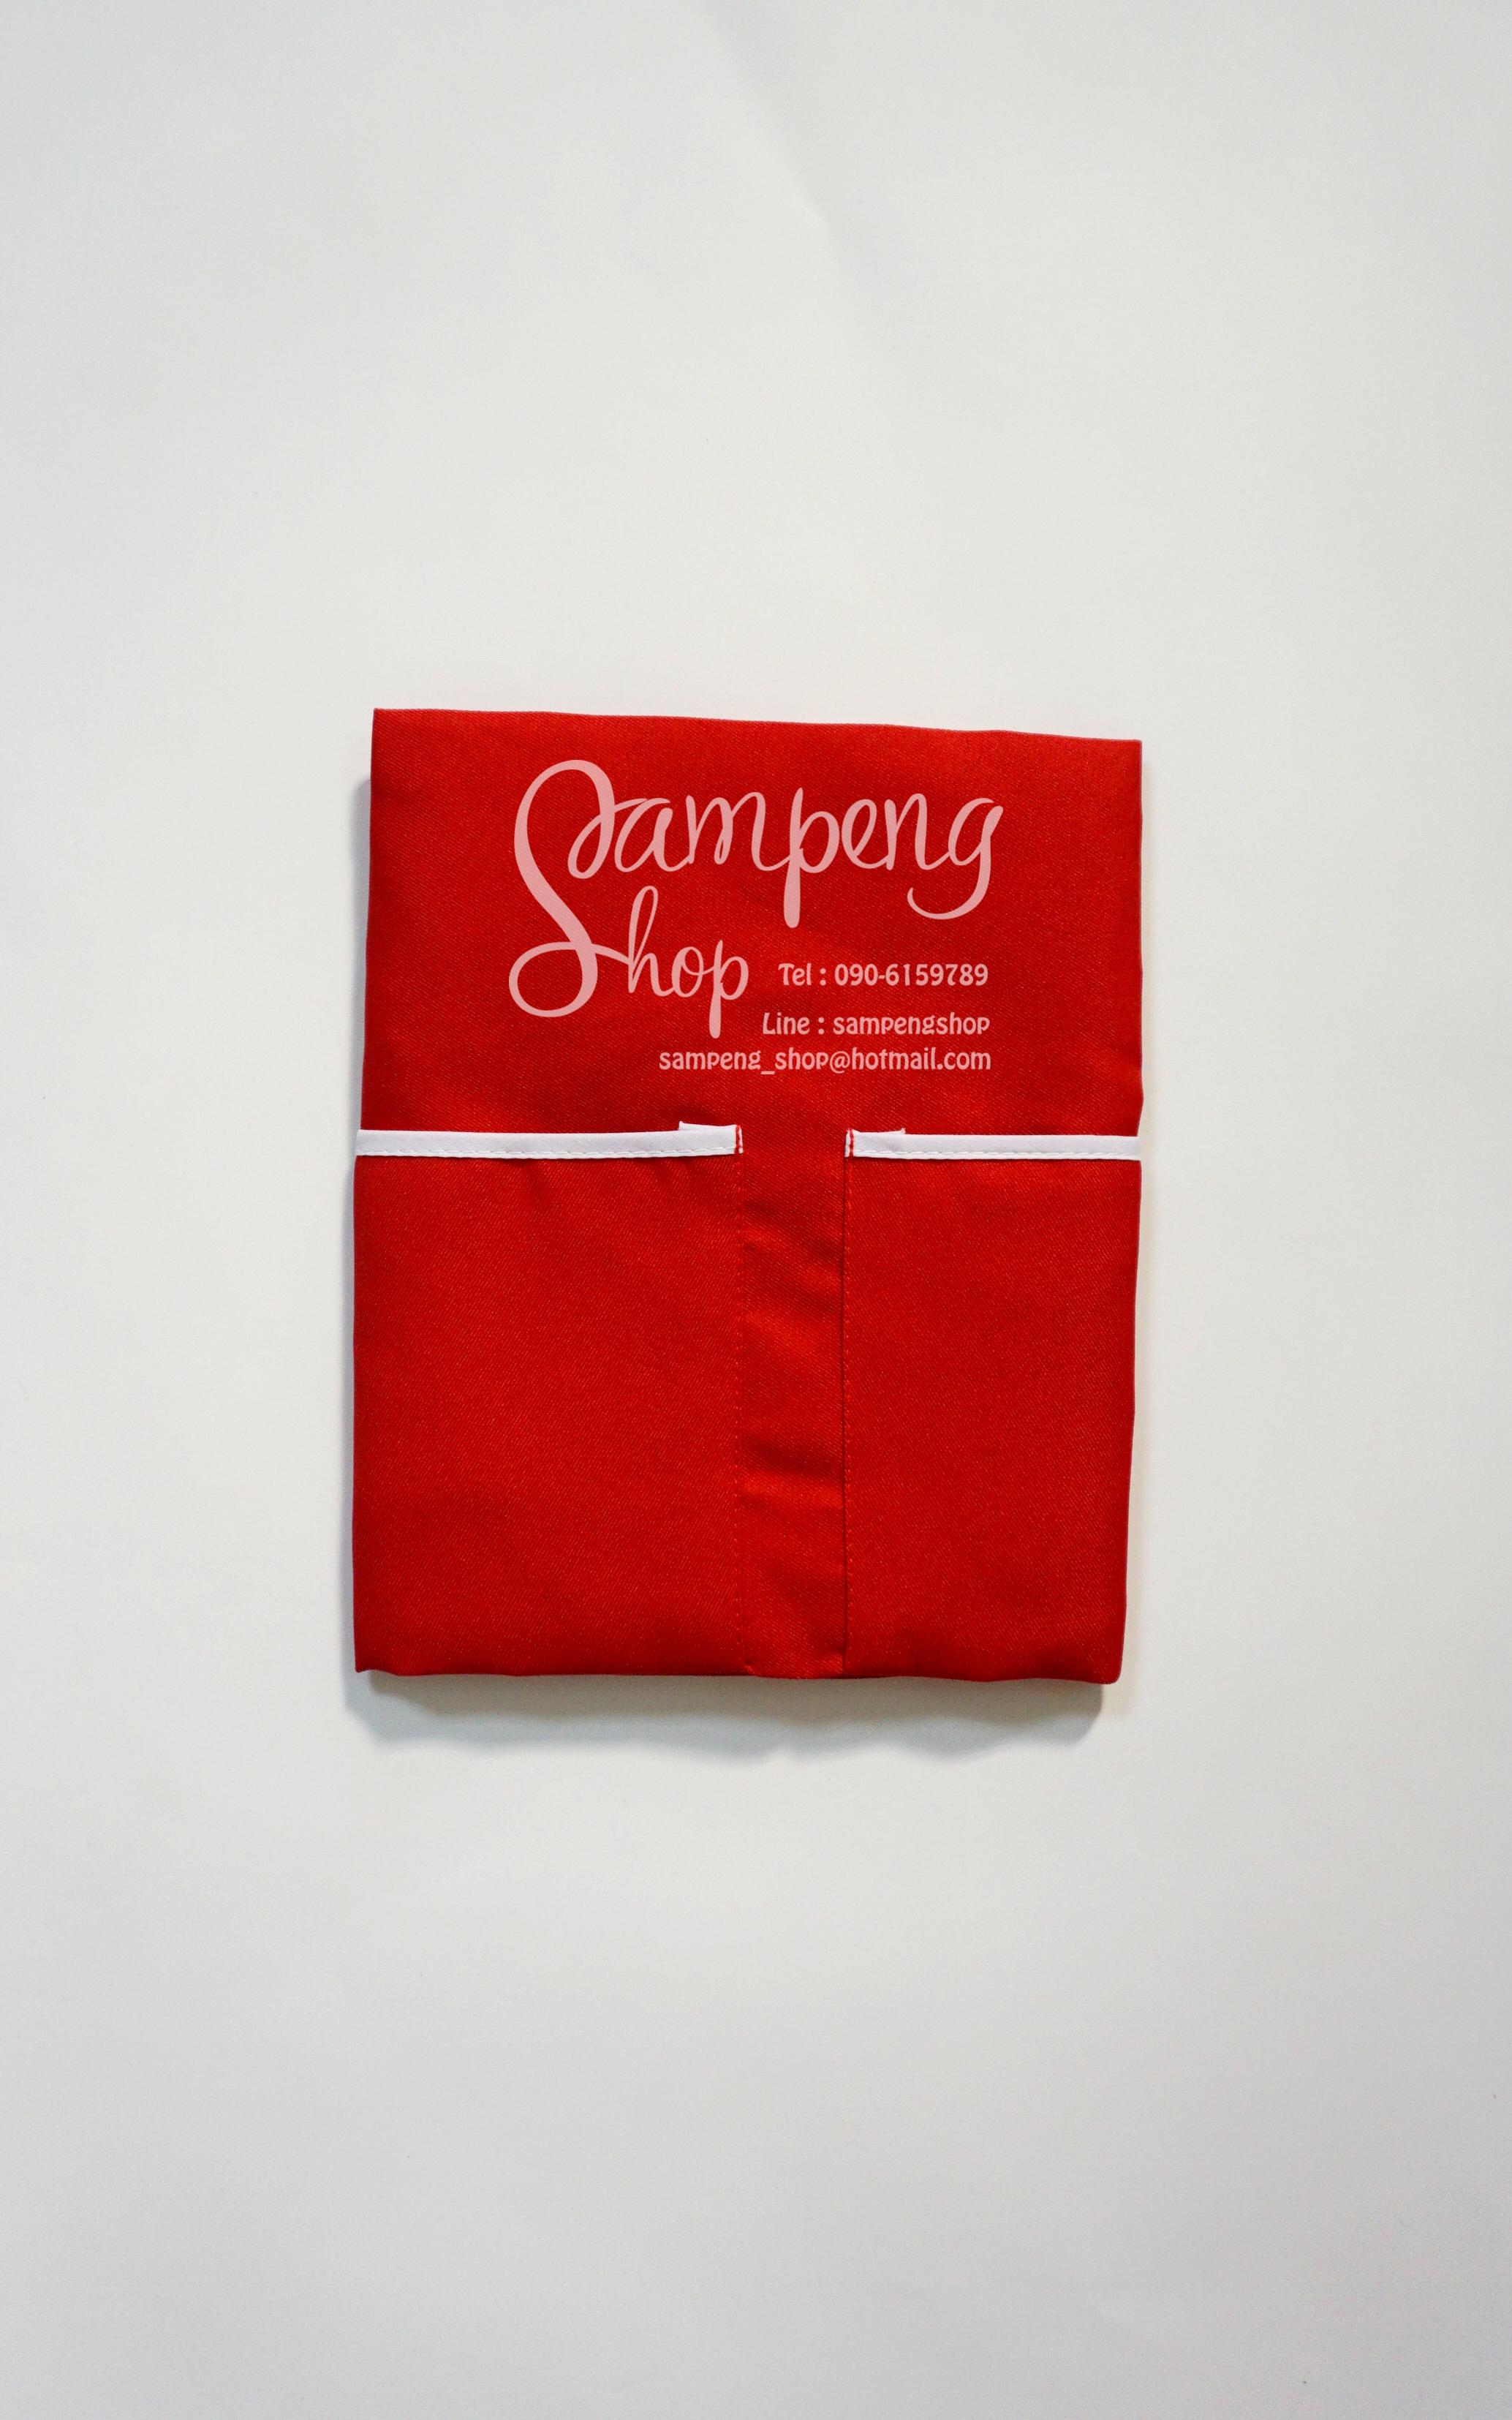 ผ้ากันเปื้อน สีแดง